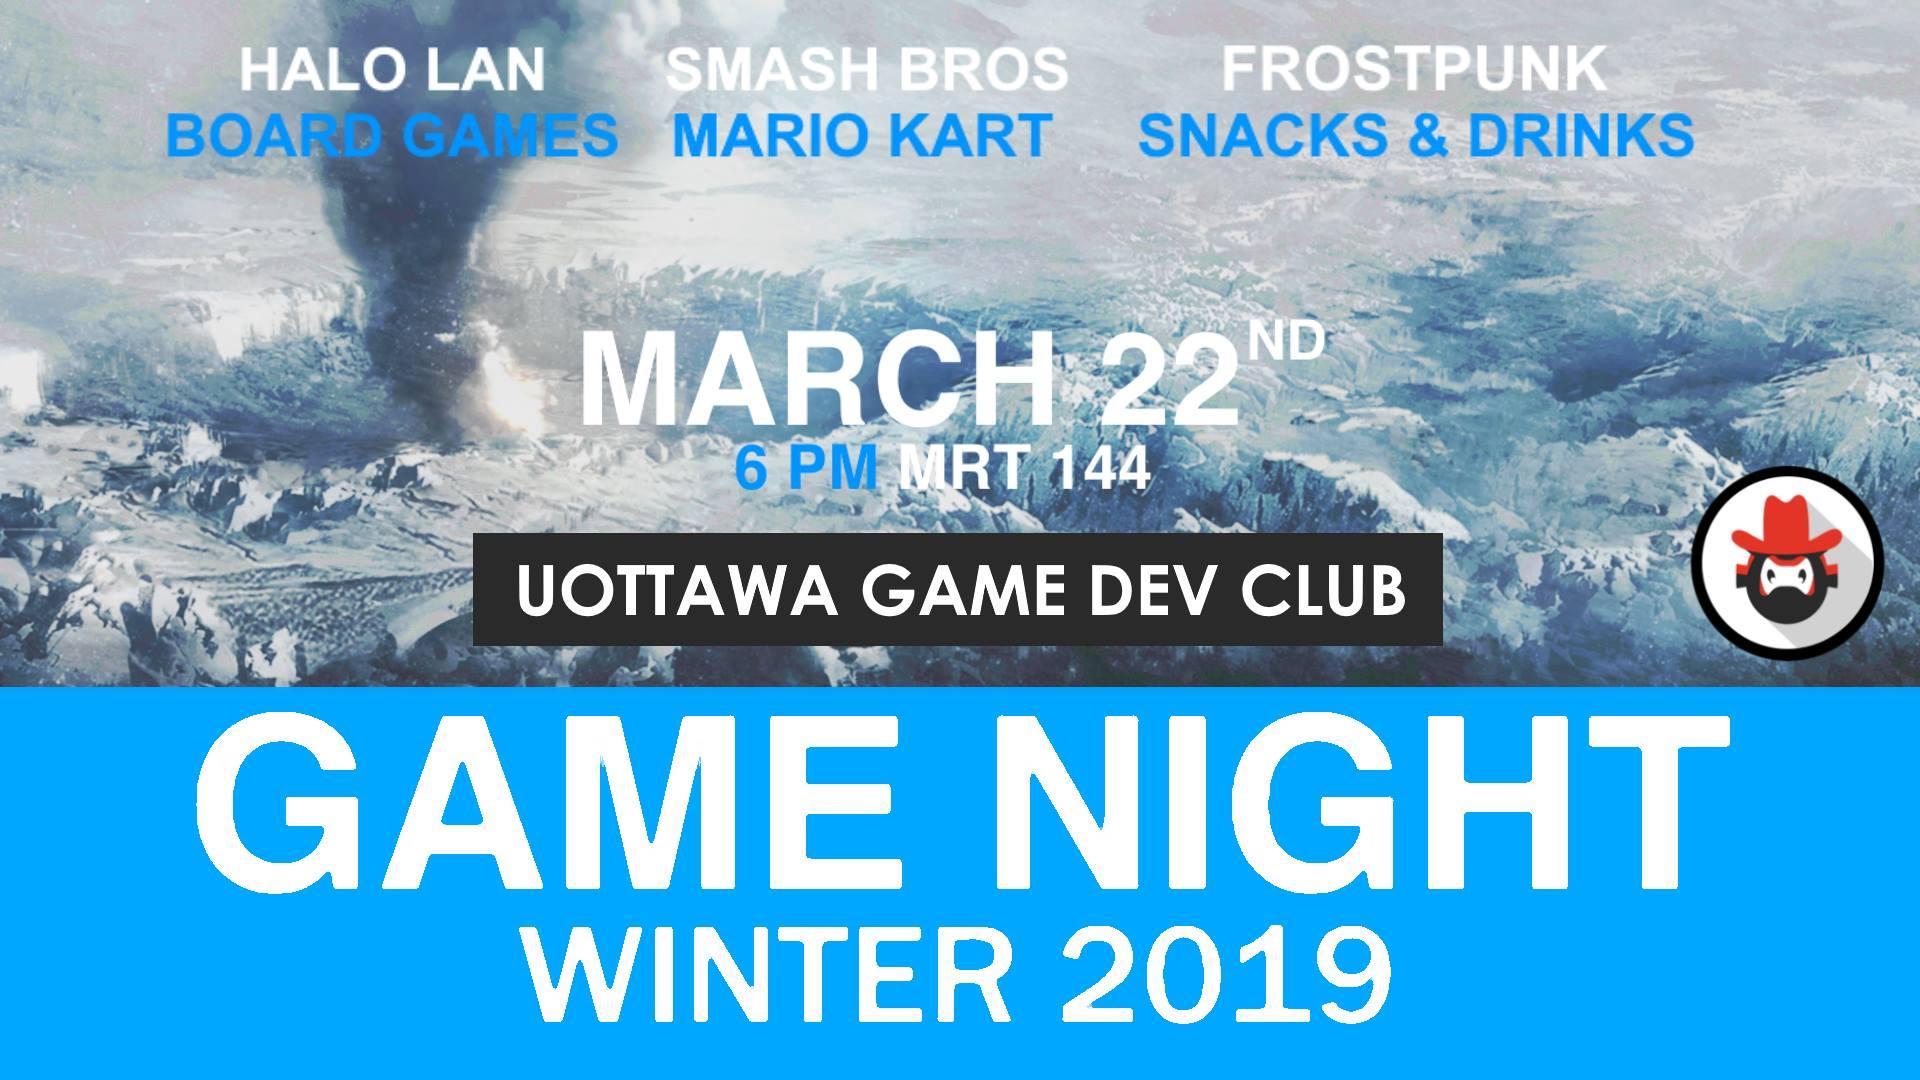 Winter GAME NIGHT 2019 - CVUO - uottawa events.jpg